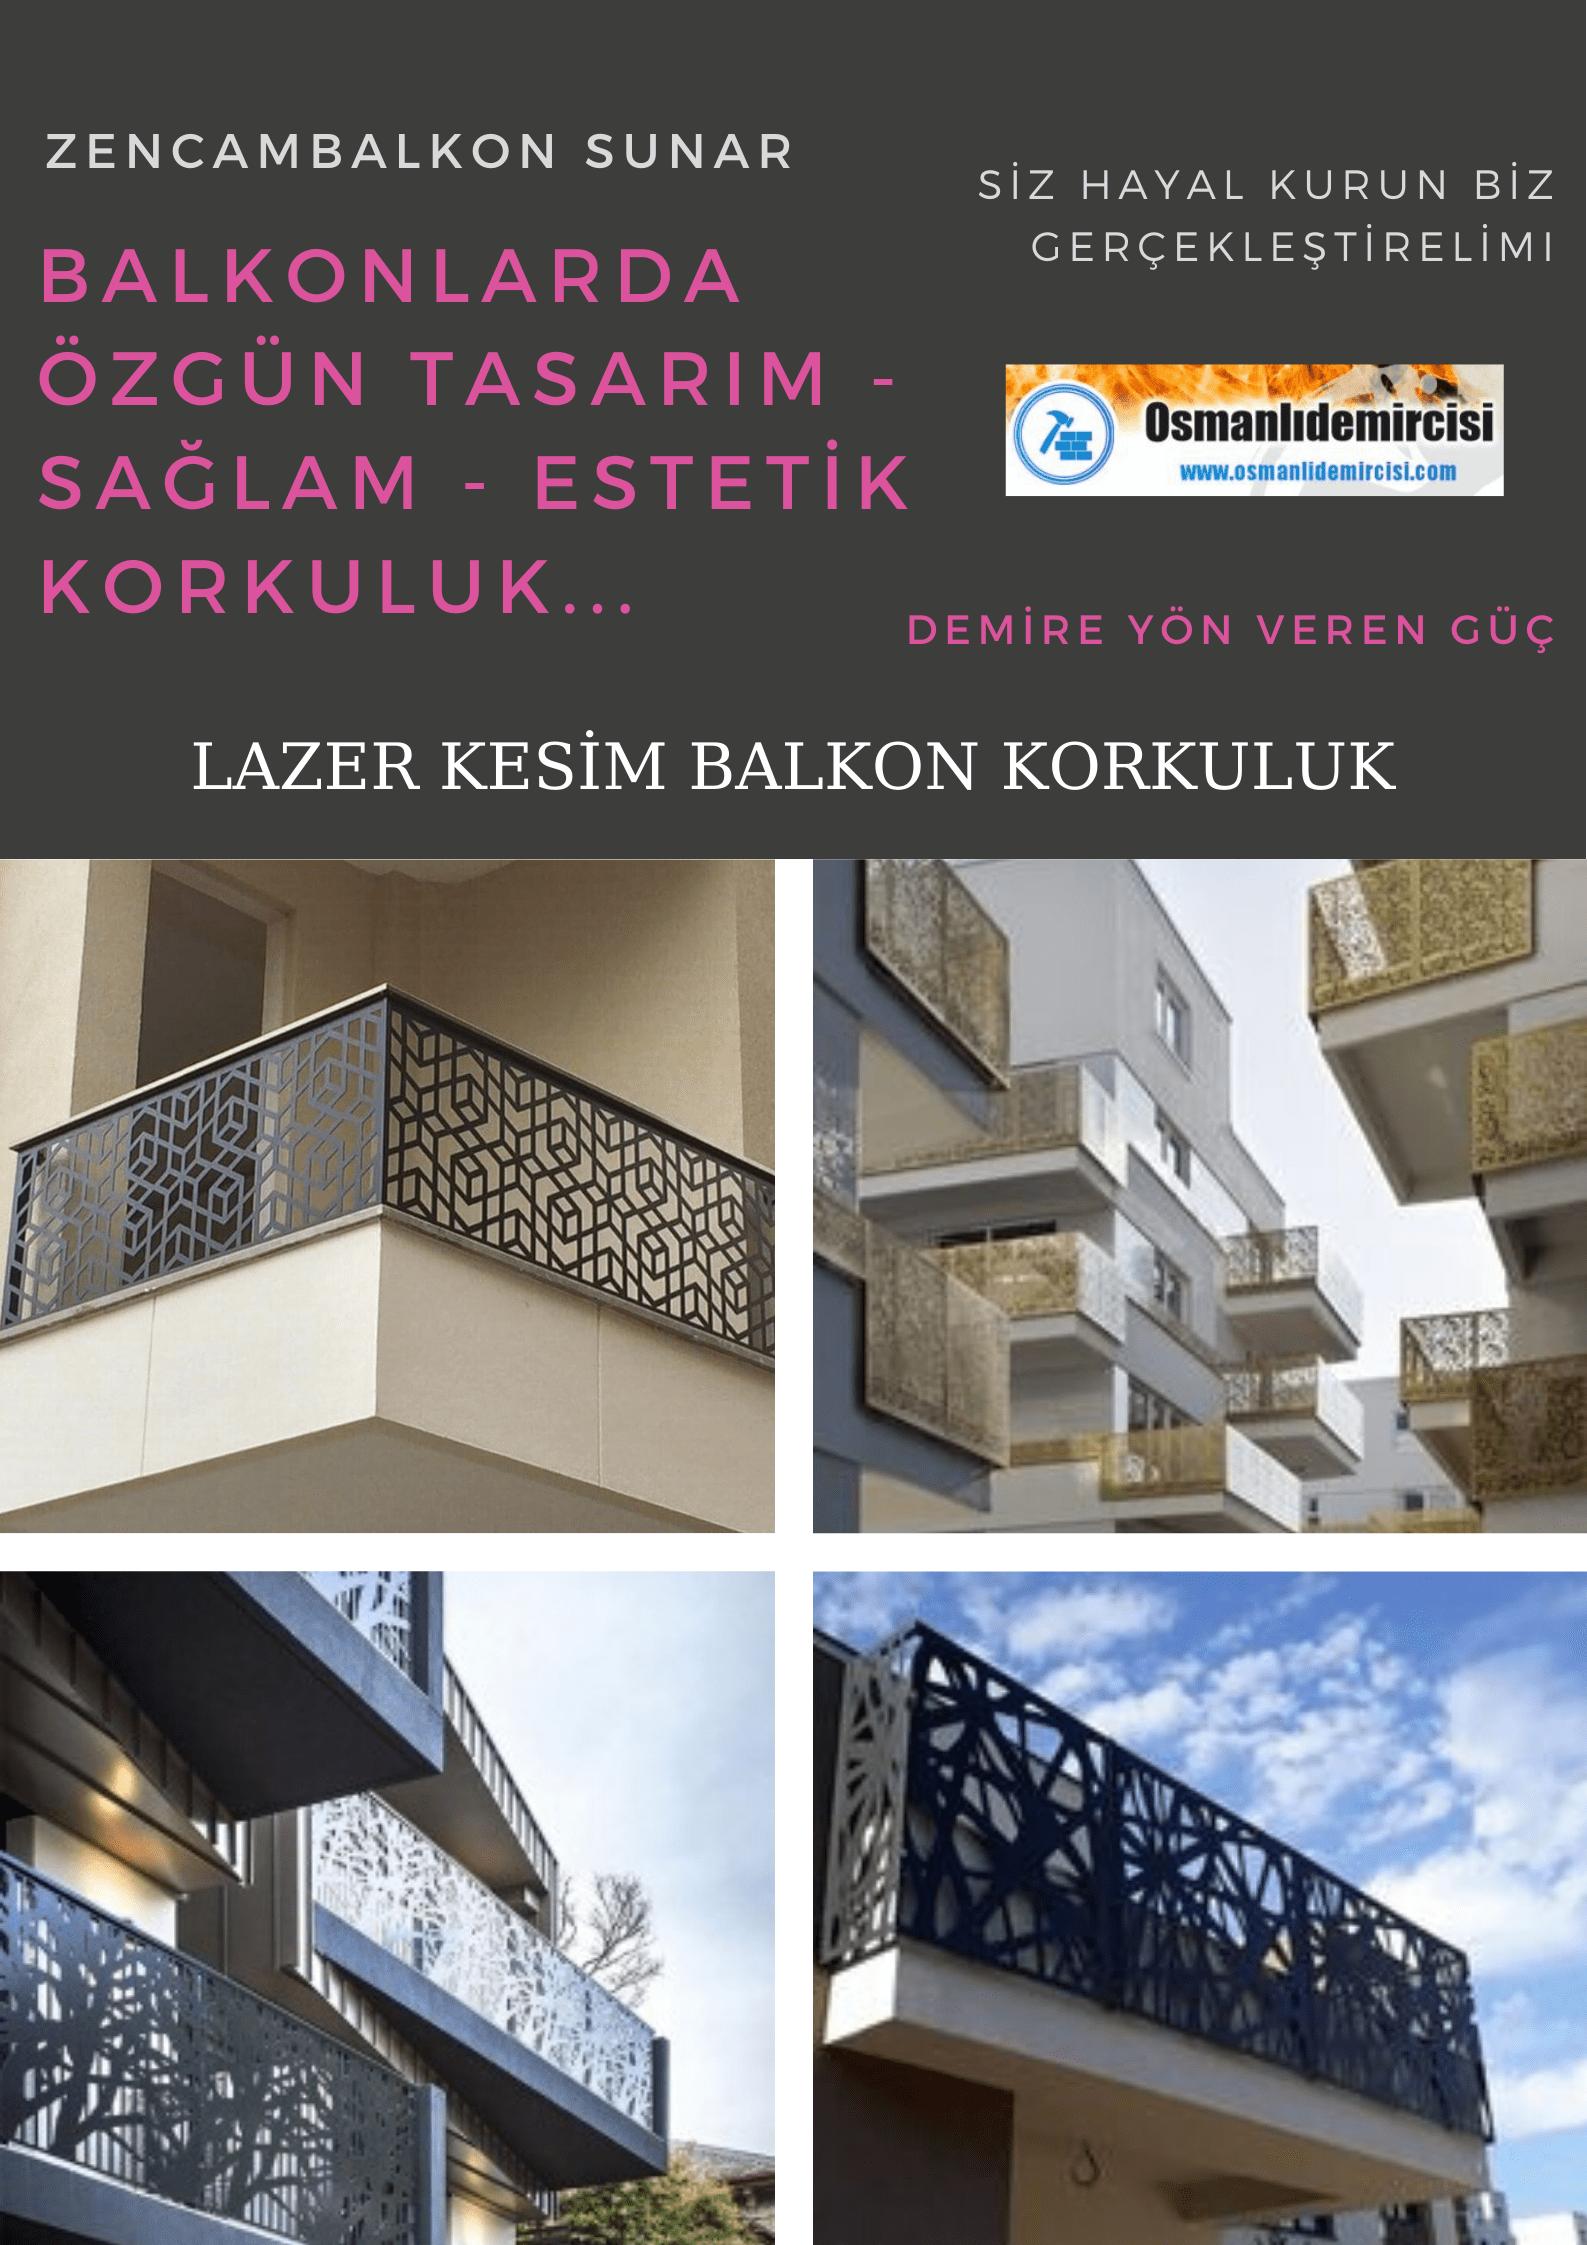 Lazer kesim balkon korkuluk modelleri İzmir